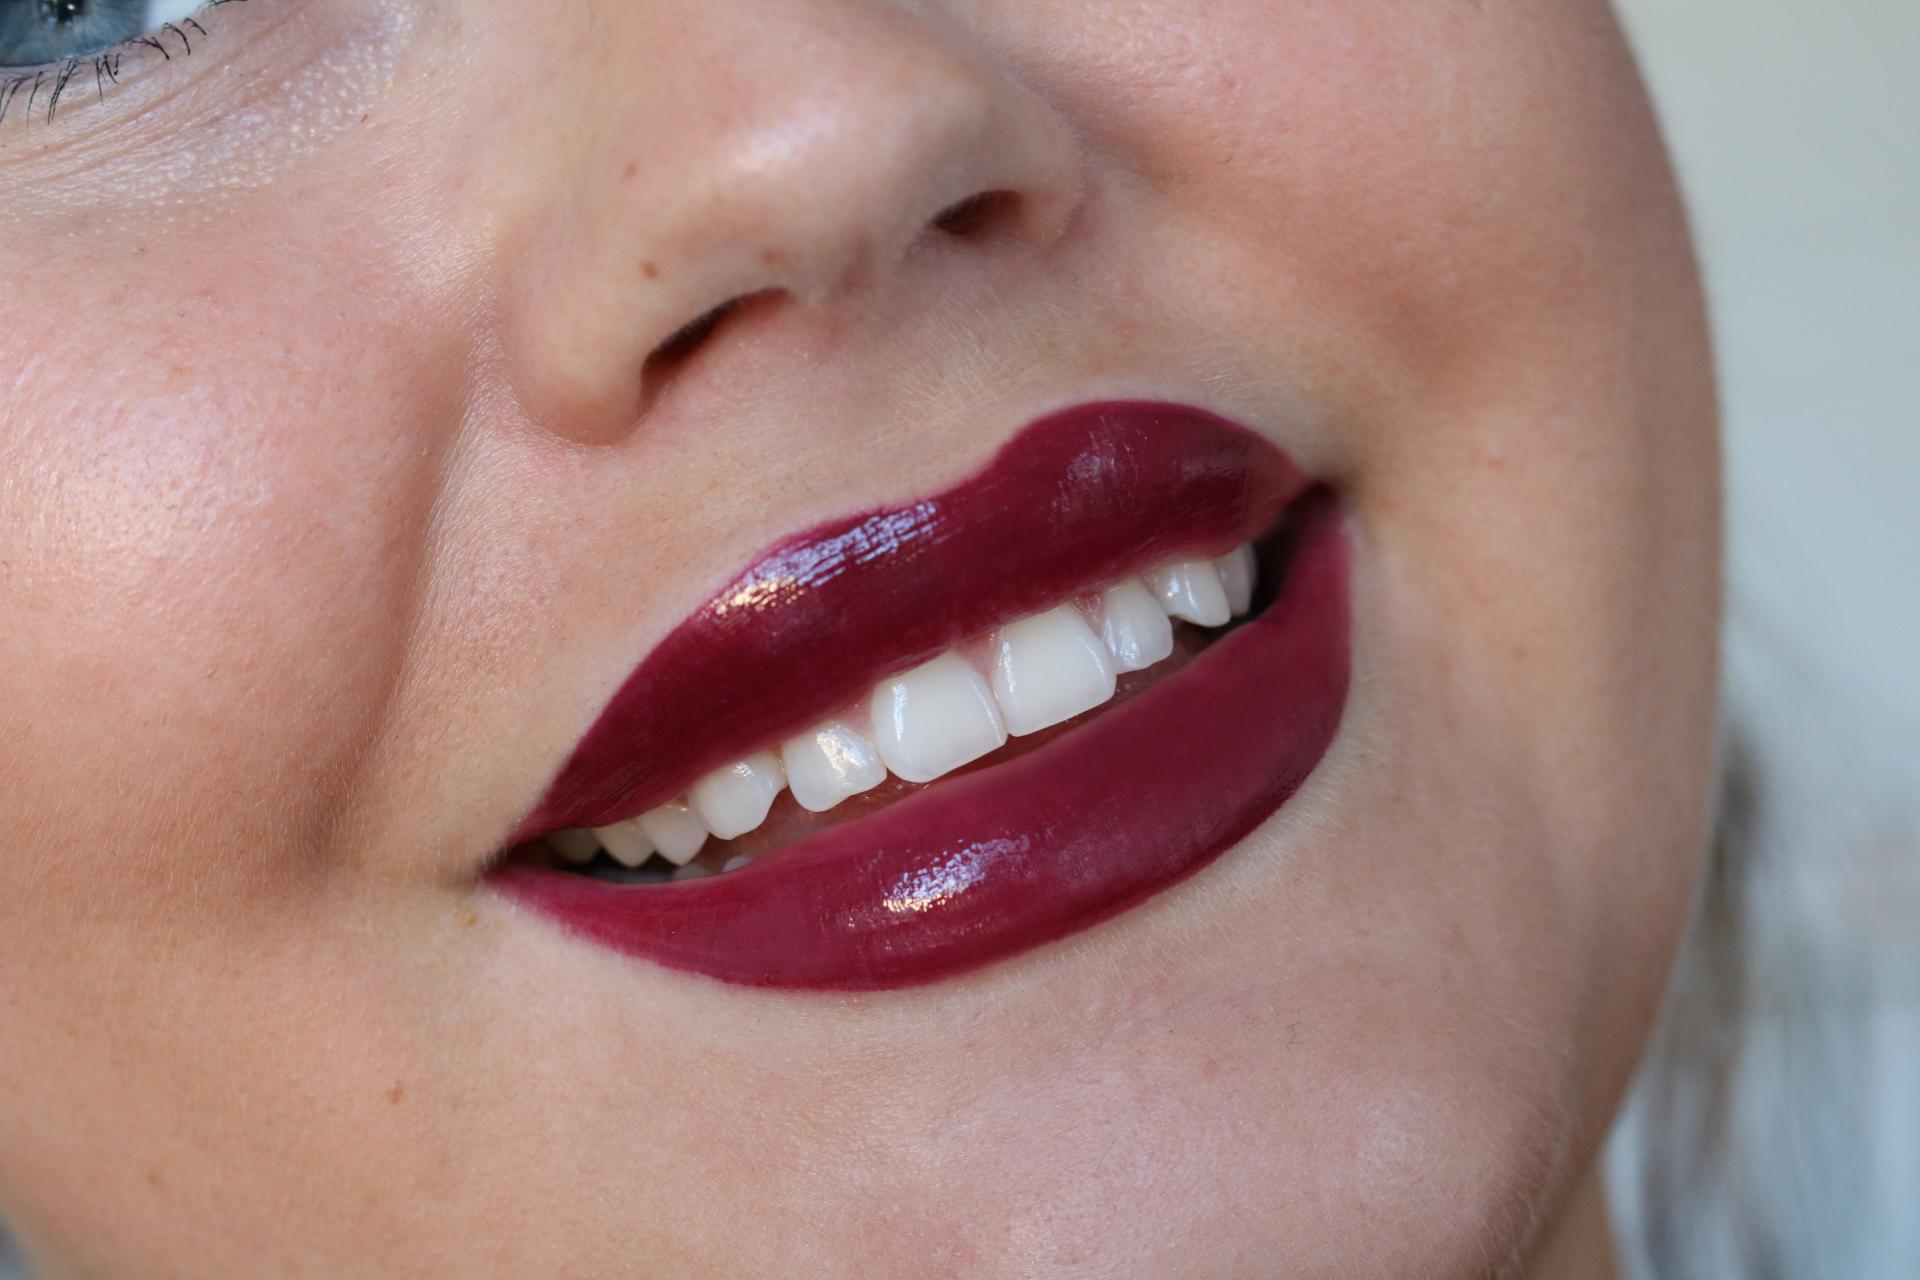 Anastasia Beverly Hills favoriter läppglans, kicks, amandahans, skönhetsblogg, skönhetsbloggare, tips, smink, inspiration, liquid lipsticks, venom, gilded, dainty, swatches